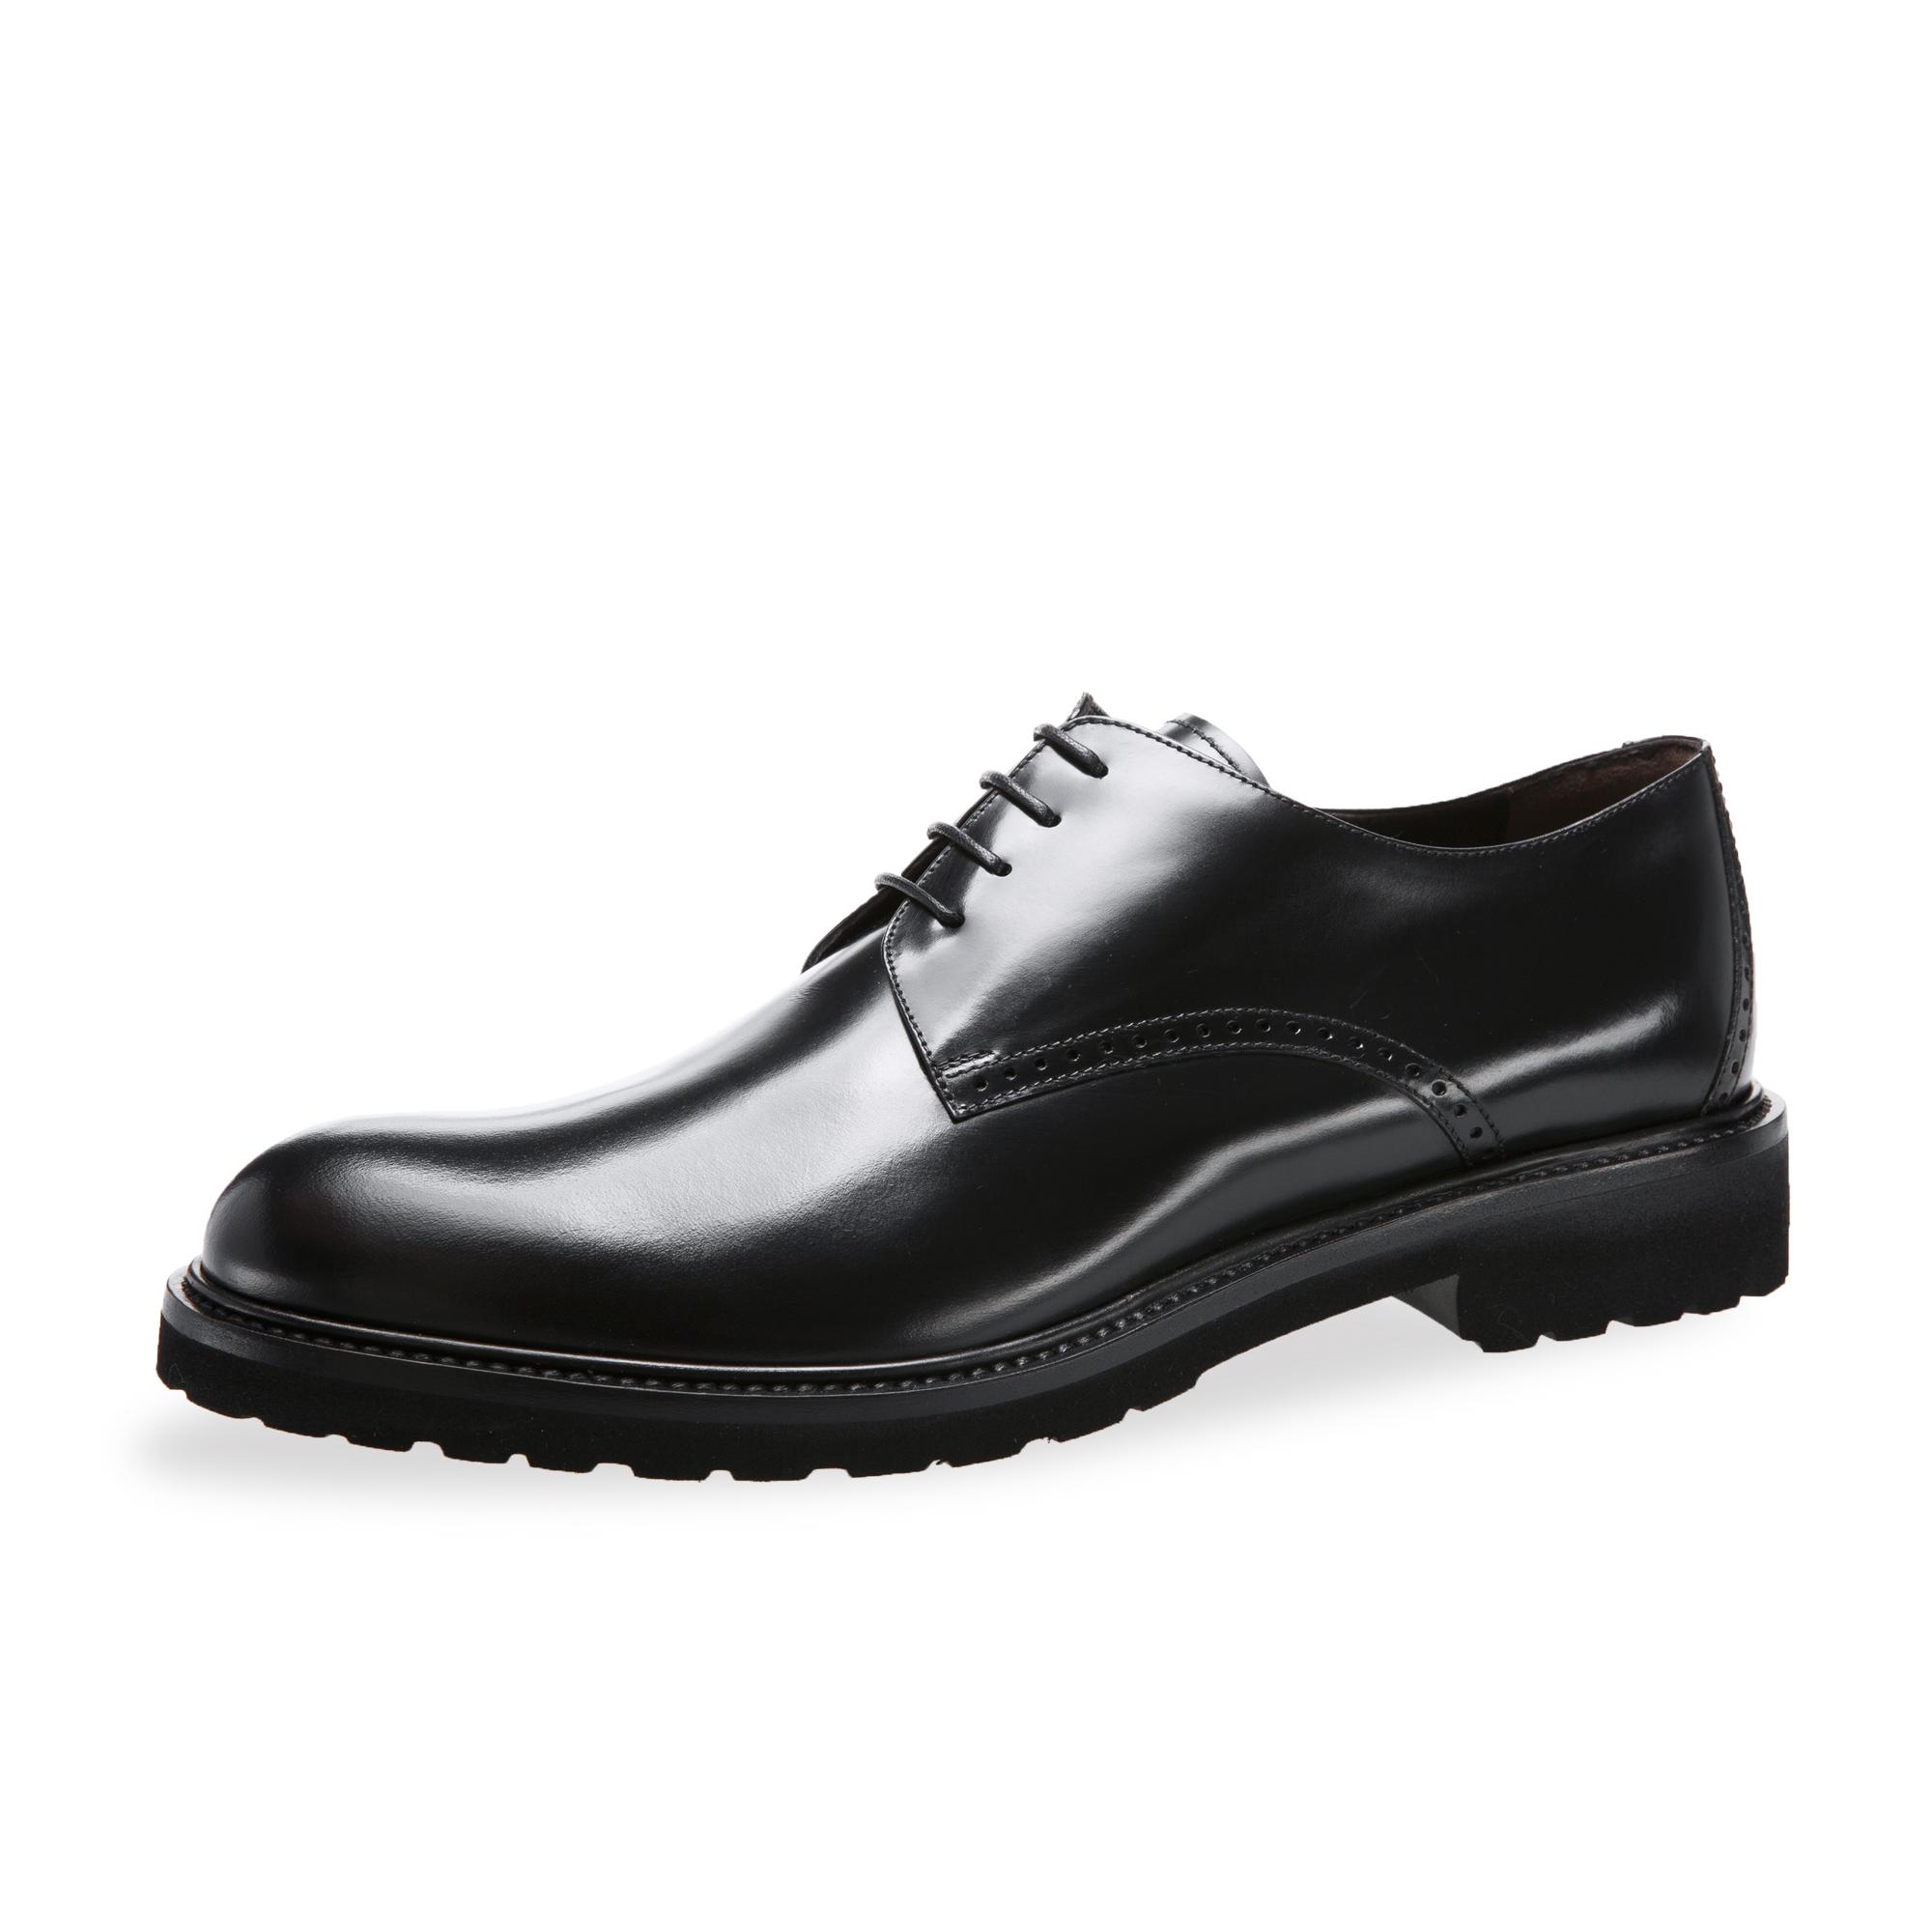 意大利原产germano bellesi圆头牛皮鞋男士皮鞋708 黑色 41